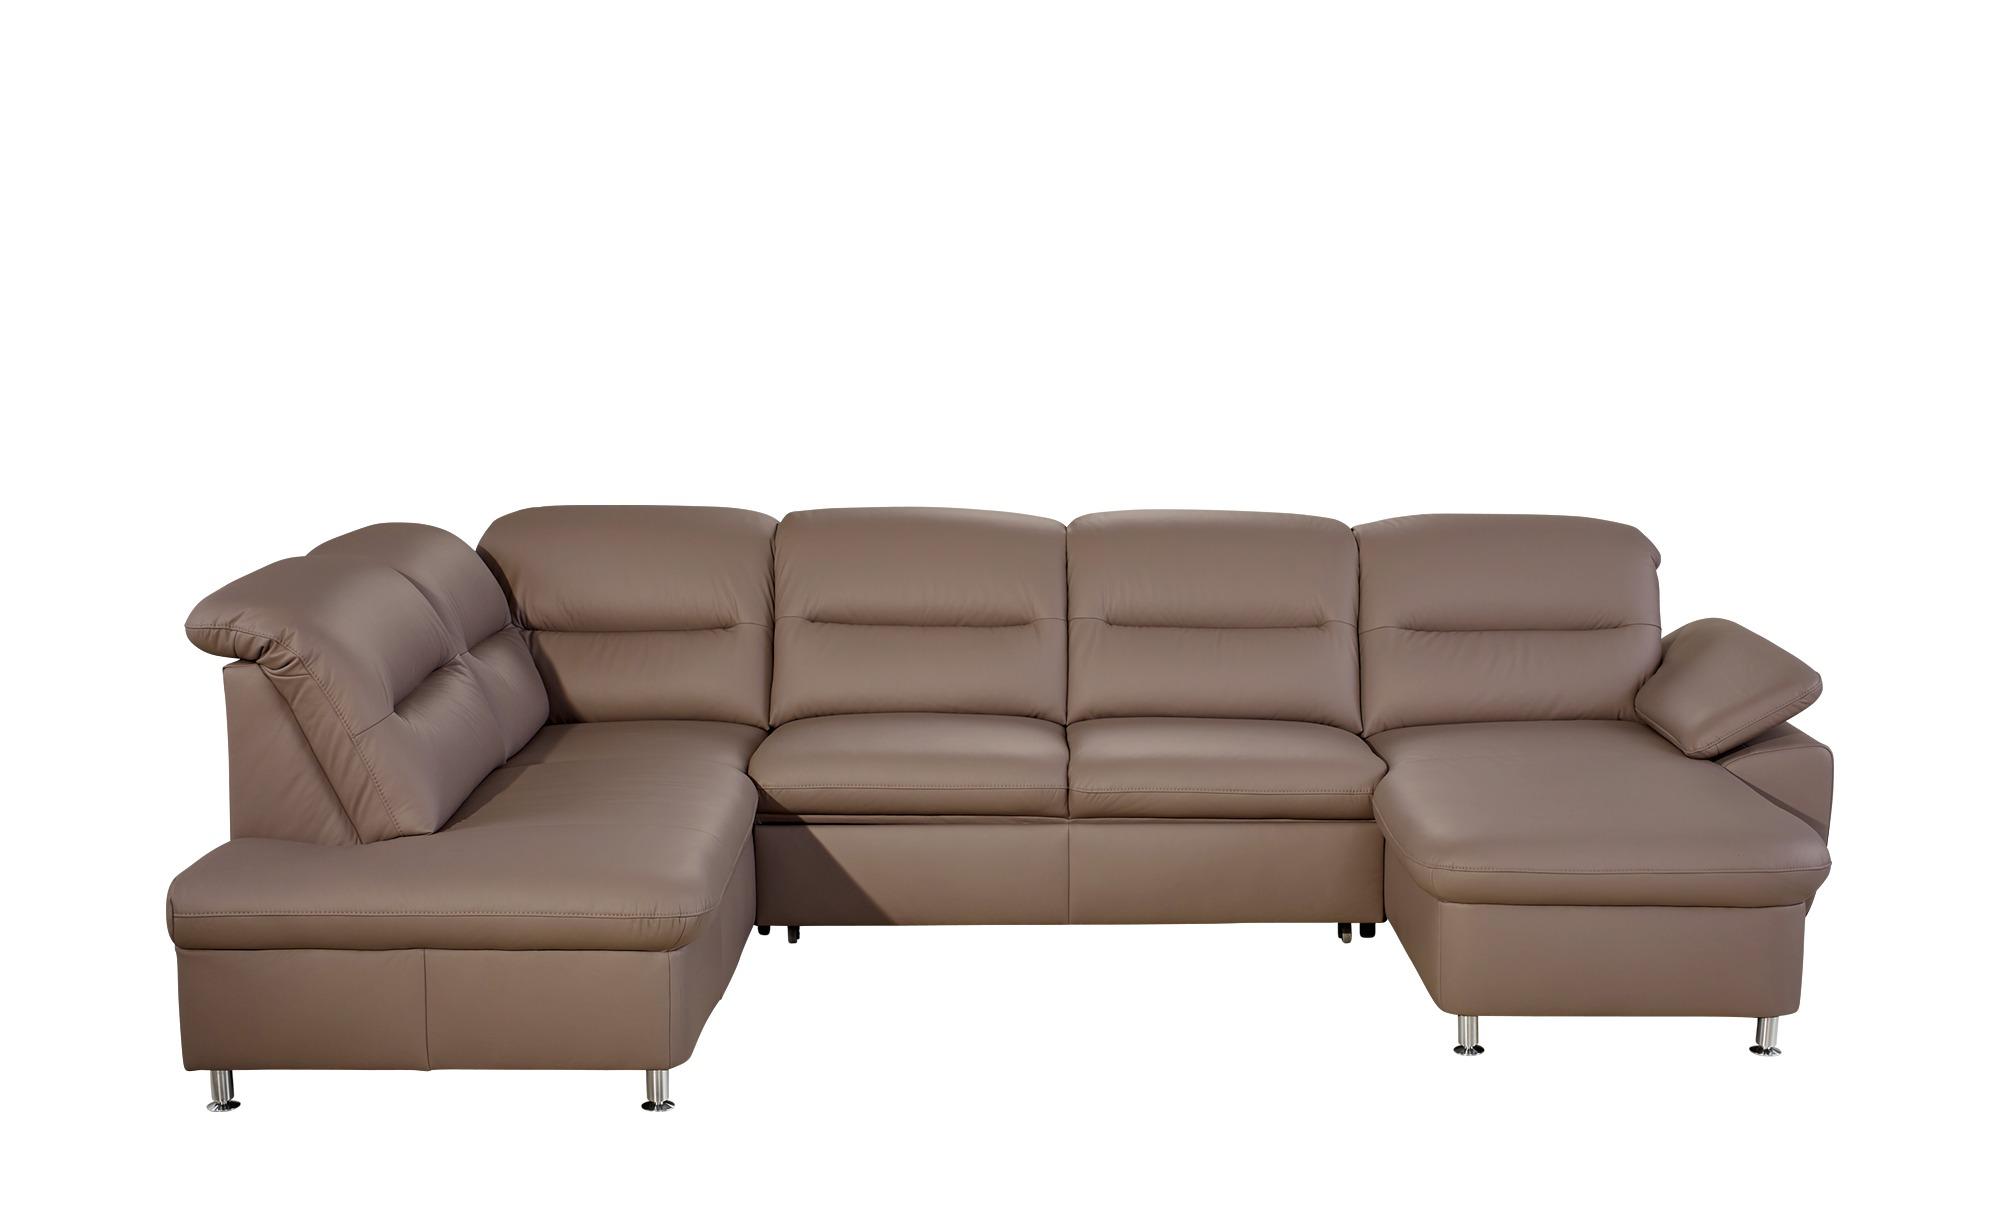 meinsofa komfort wohnlandschaft aus leder maike breite h he braun online kaufen bei woonio. Black Bedroom Furniture Sets. Home Design Ideas